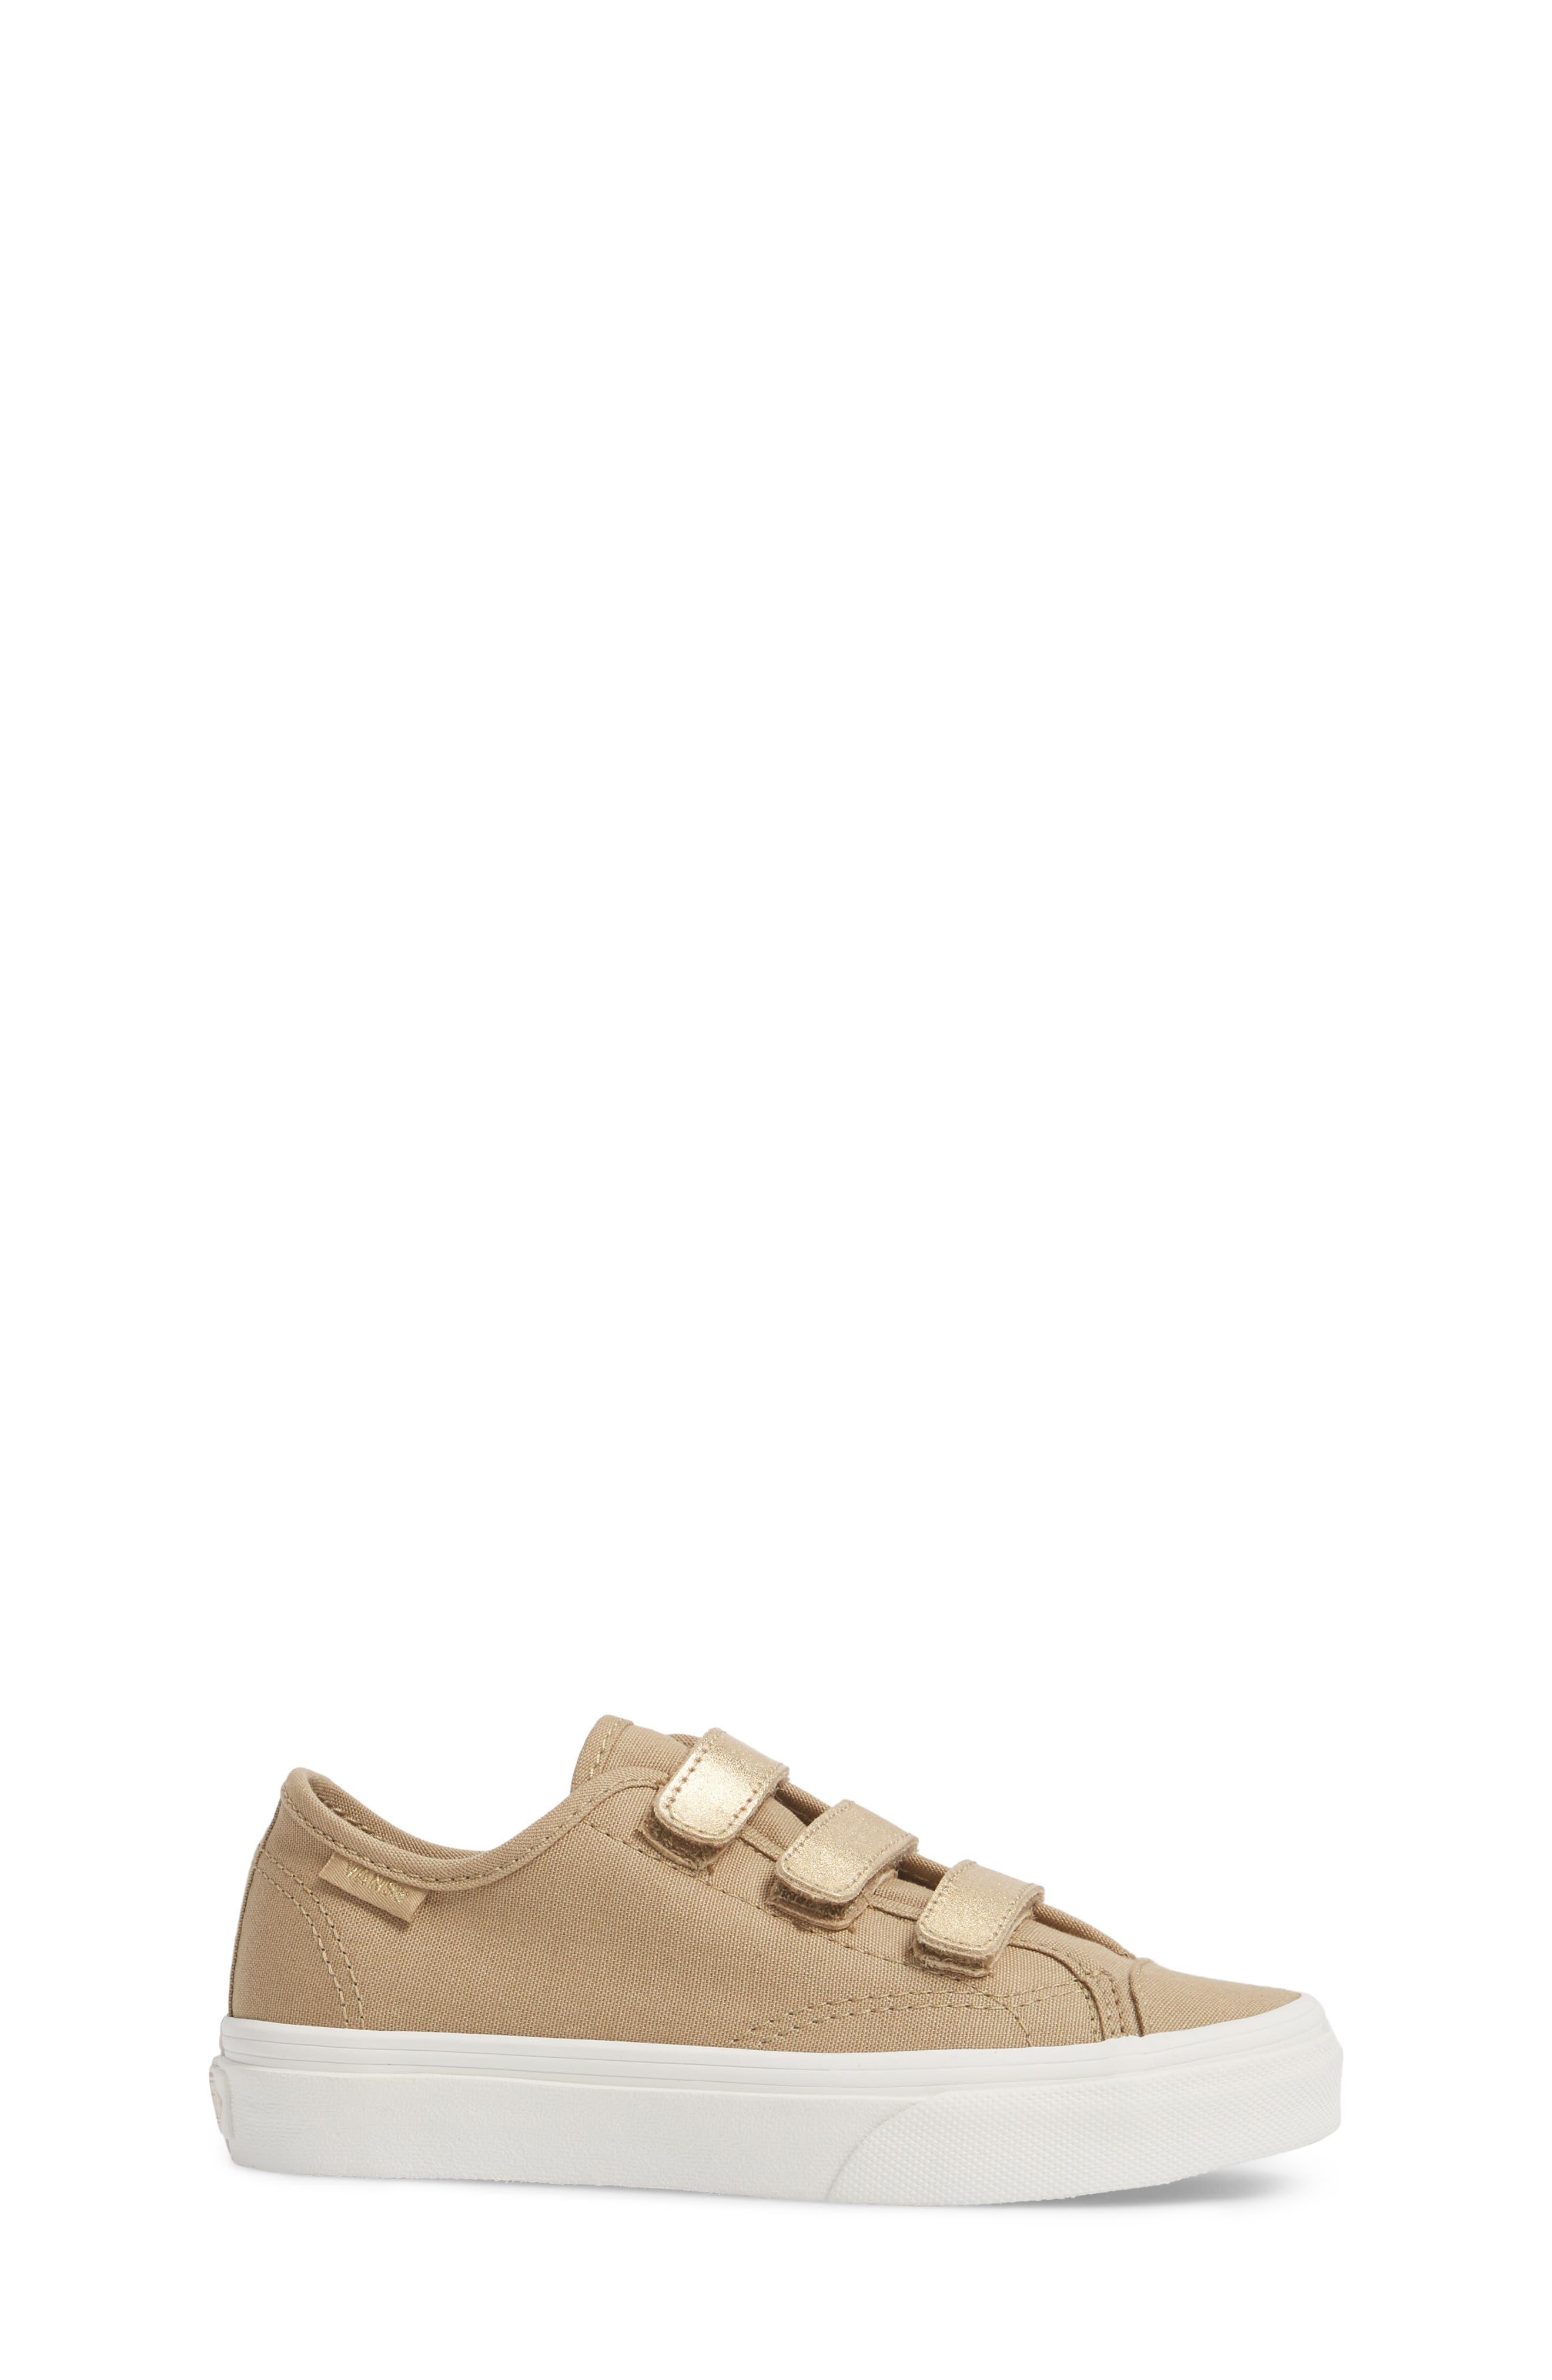 Style 23V Sneaker,                             Alternate thumbnail 3, color,